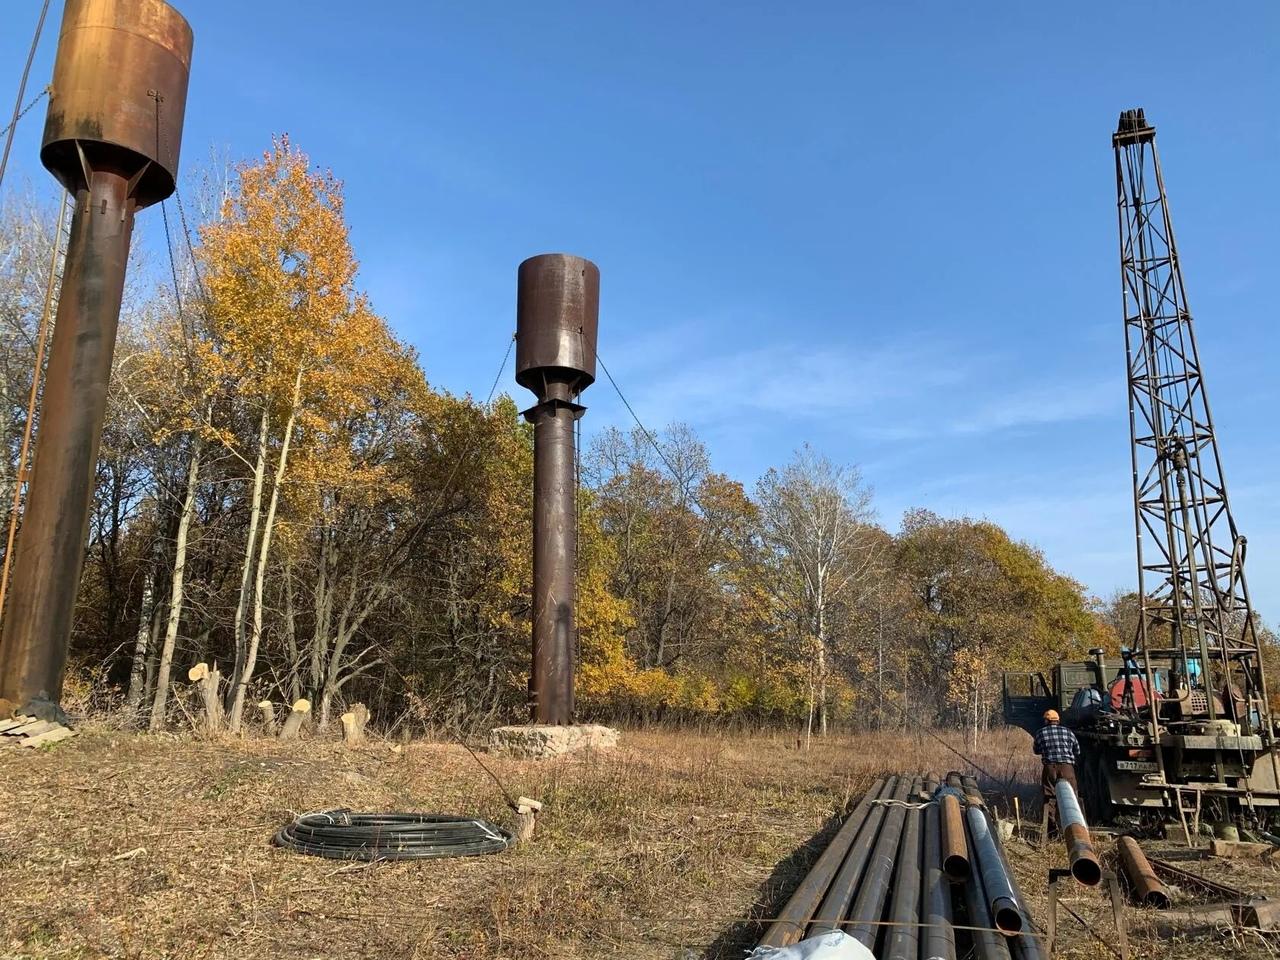 В селе Ножкино идут работы по реализации проекта в рамках программы инициативного бюджетирования